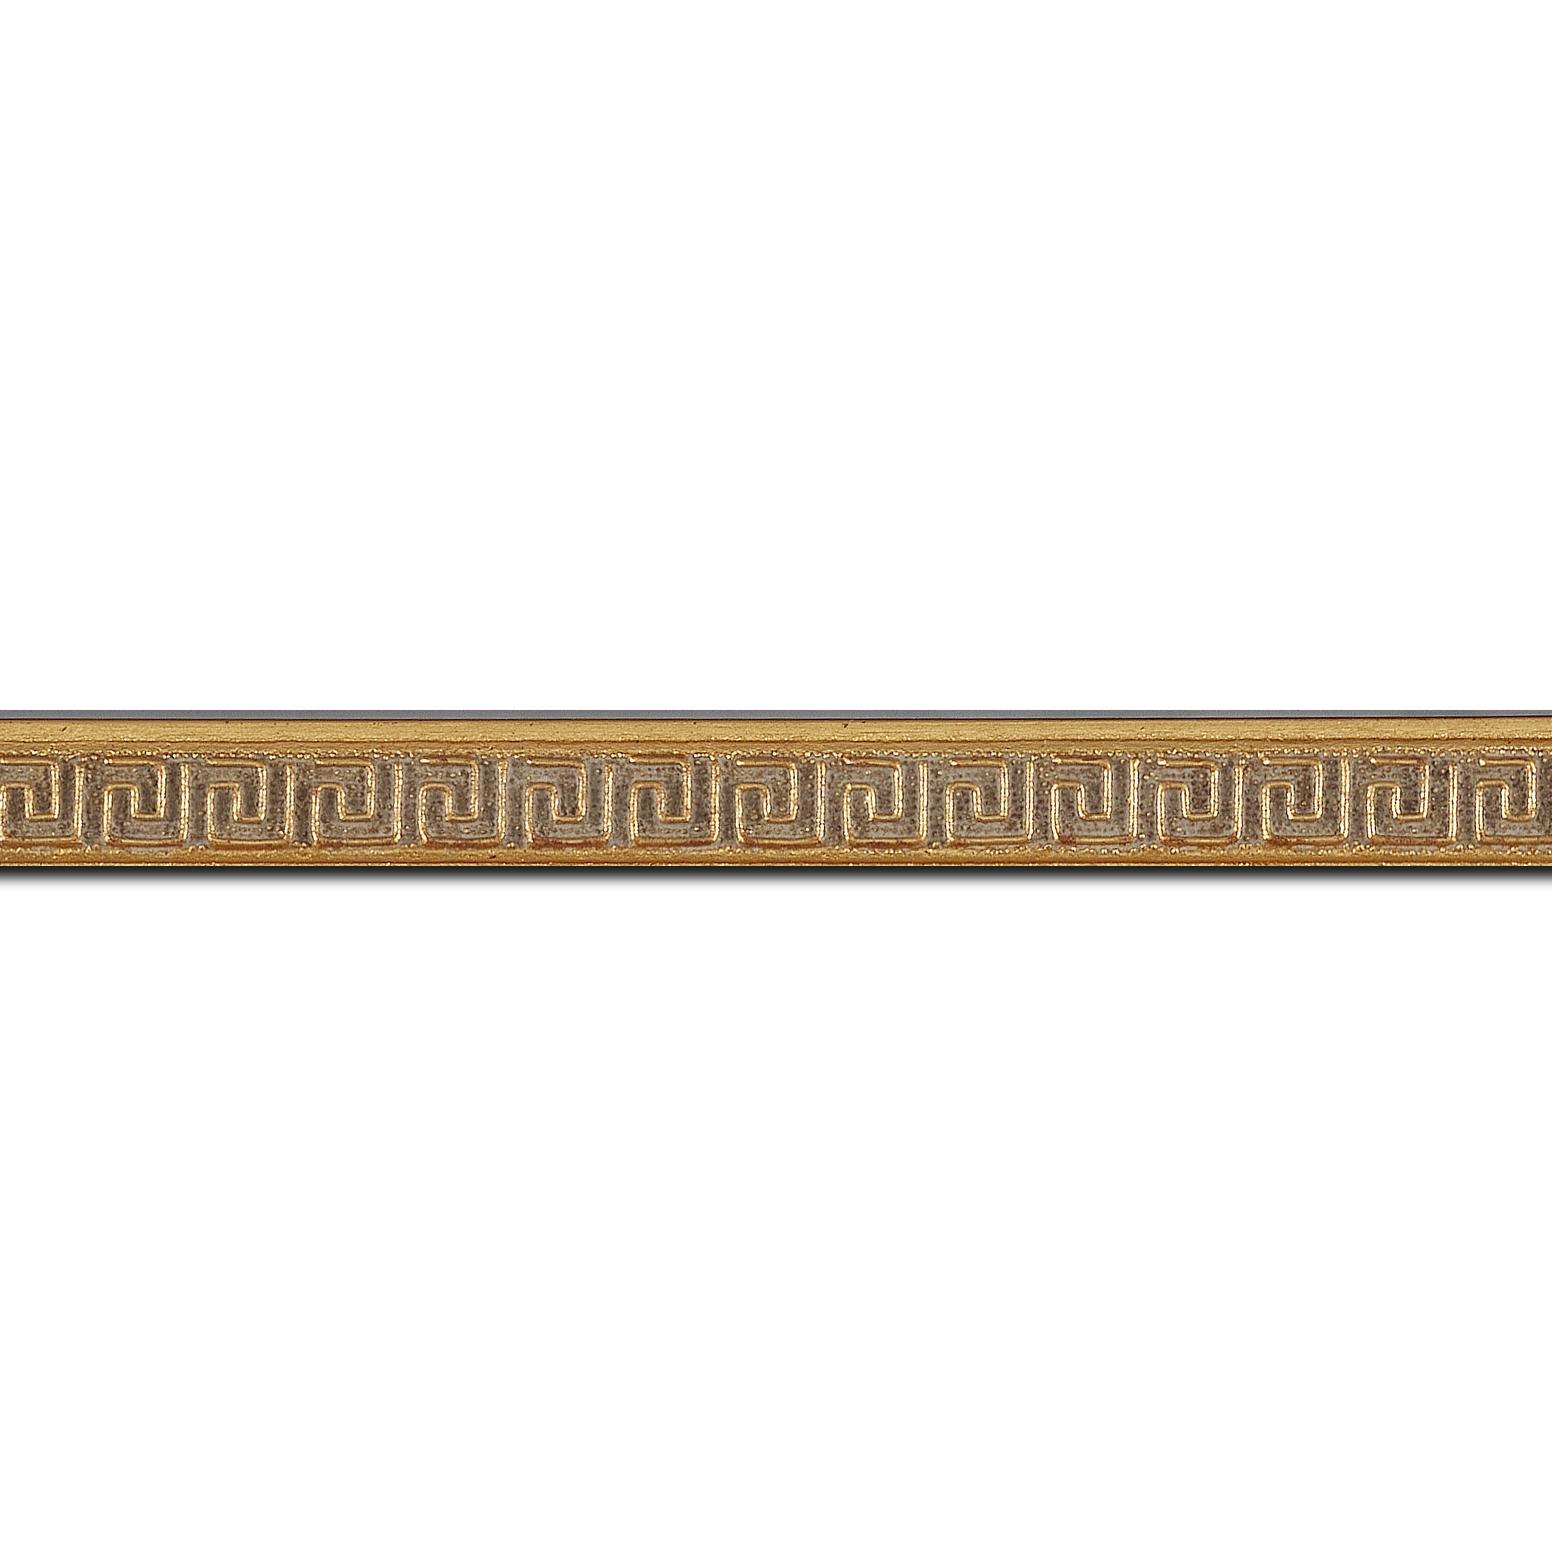 Baguette longueur 1.40m bois profil jonc largeur 1.6cm or style décor angulaire